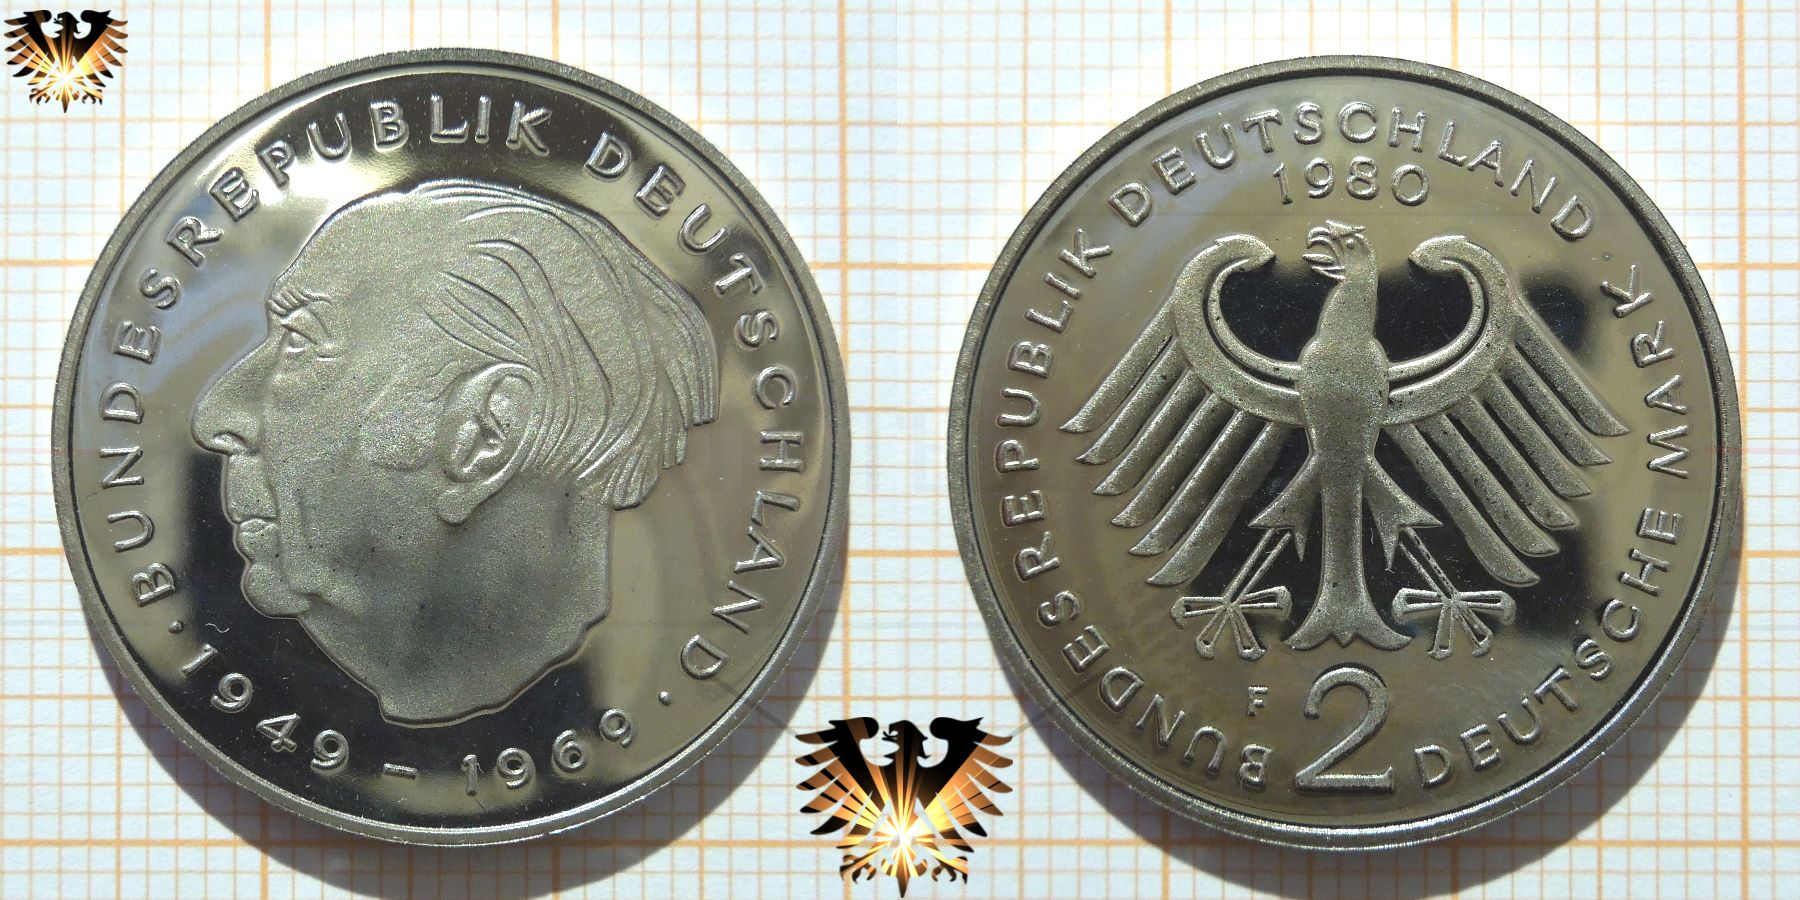 2 Dm Brd 1980 Theodor Heuss Münze 20 Jahre Grundgesetz